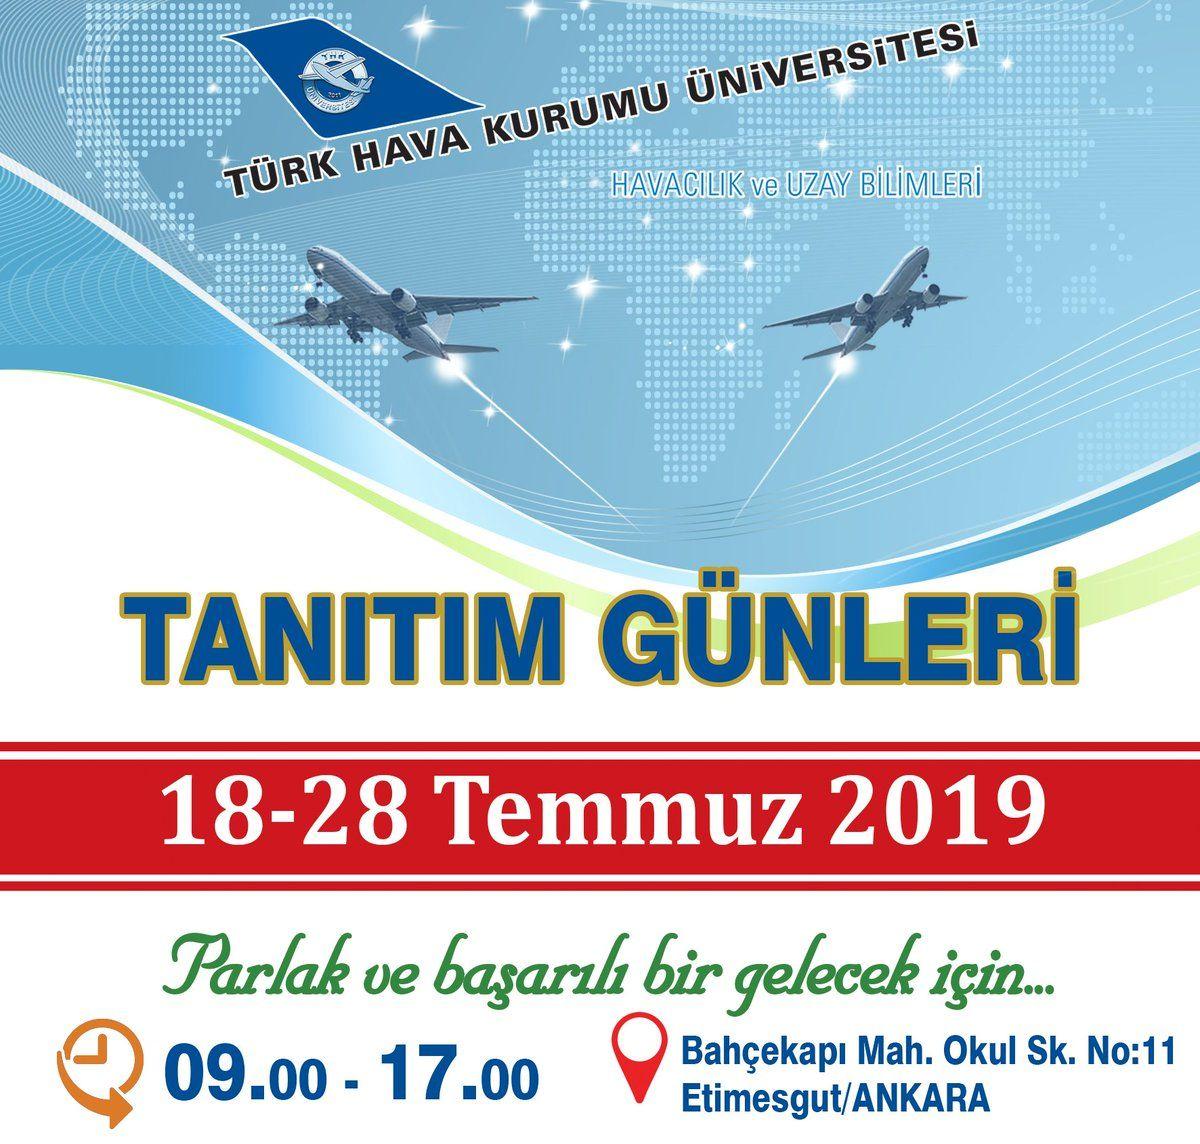 Üniversite Tercih Fuarı 2019 Ankara TÜRK HAVA KURUMU ÜNİVERSİTESİ